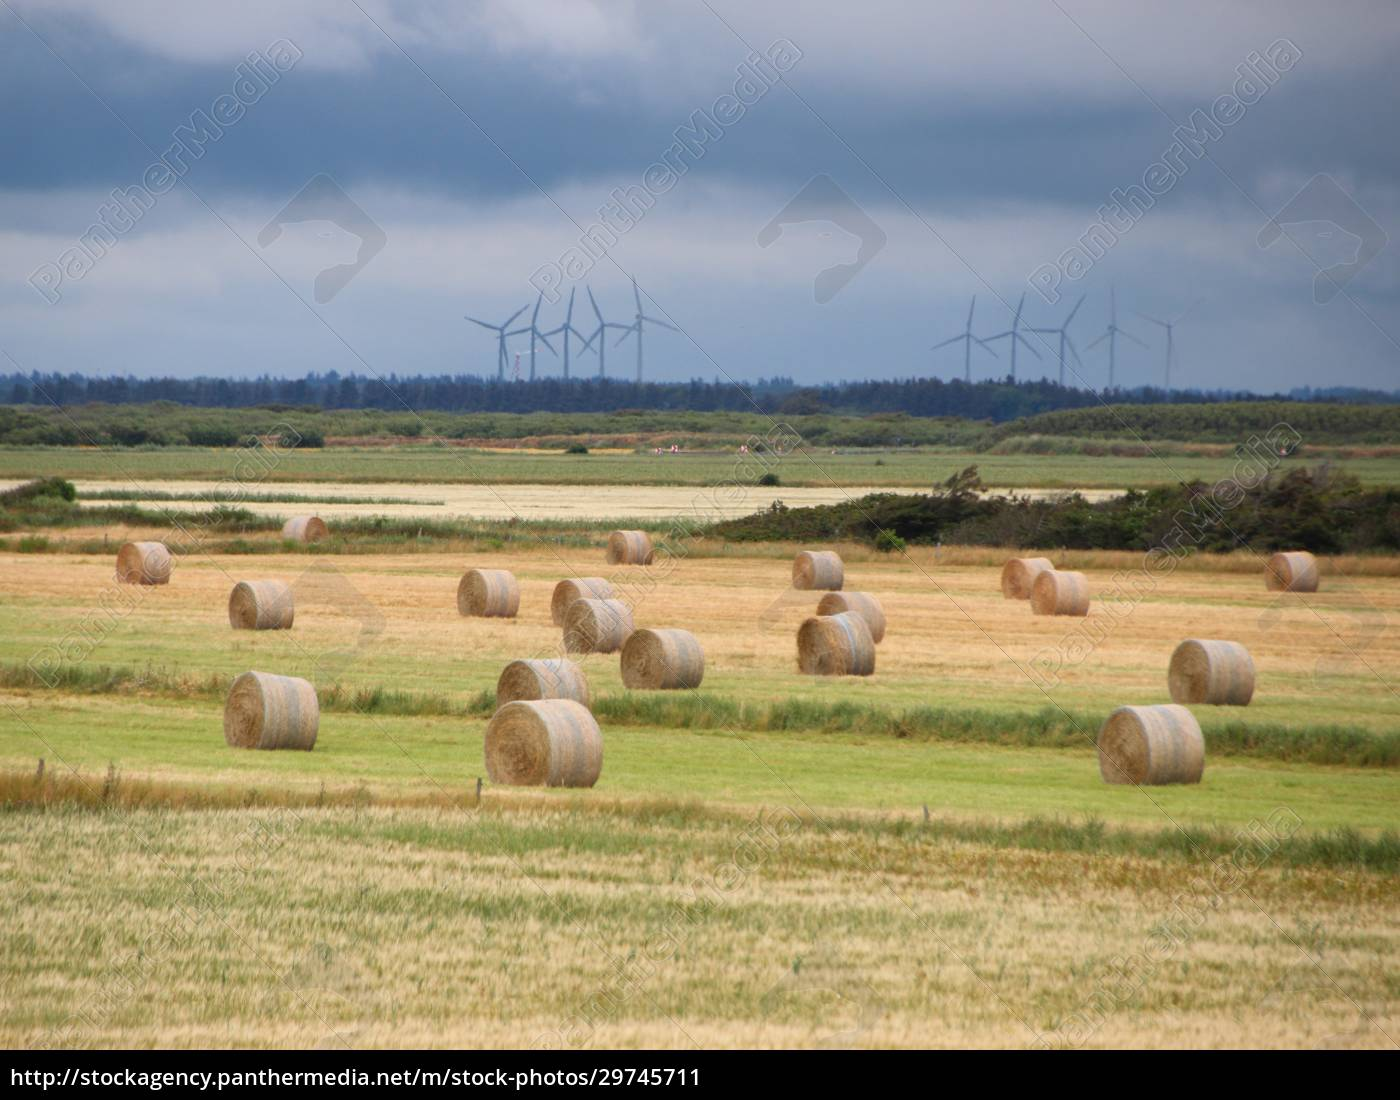 landschaft, mit, runden, strohballen, und, wolken - 29745711